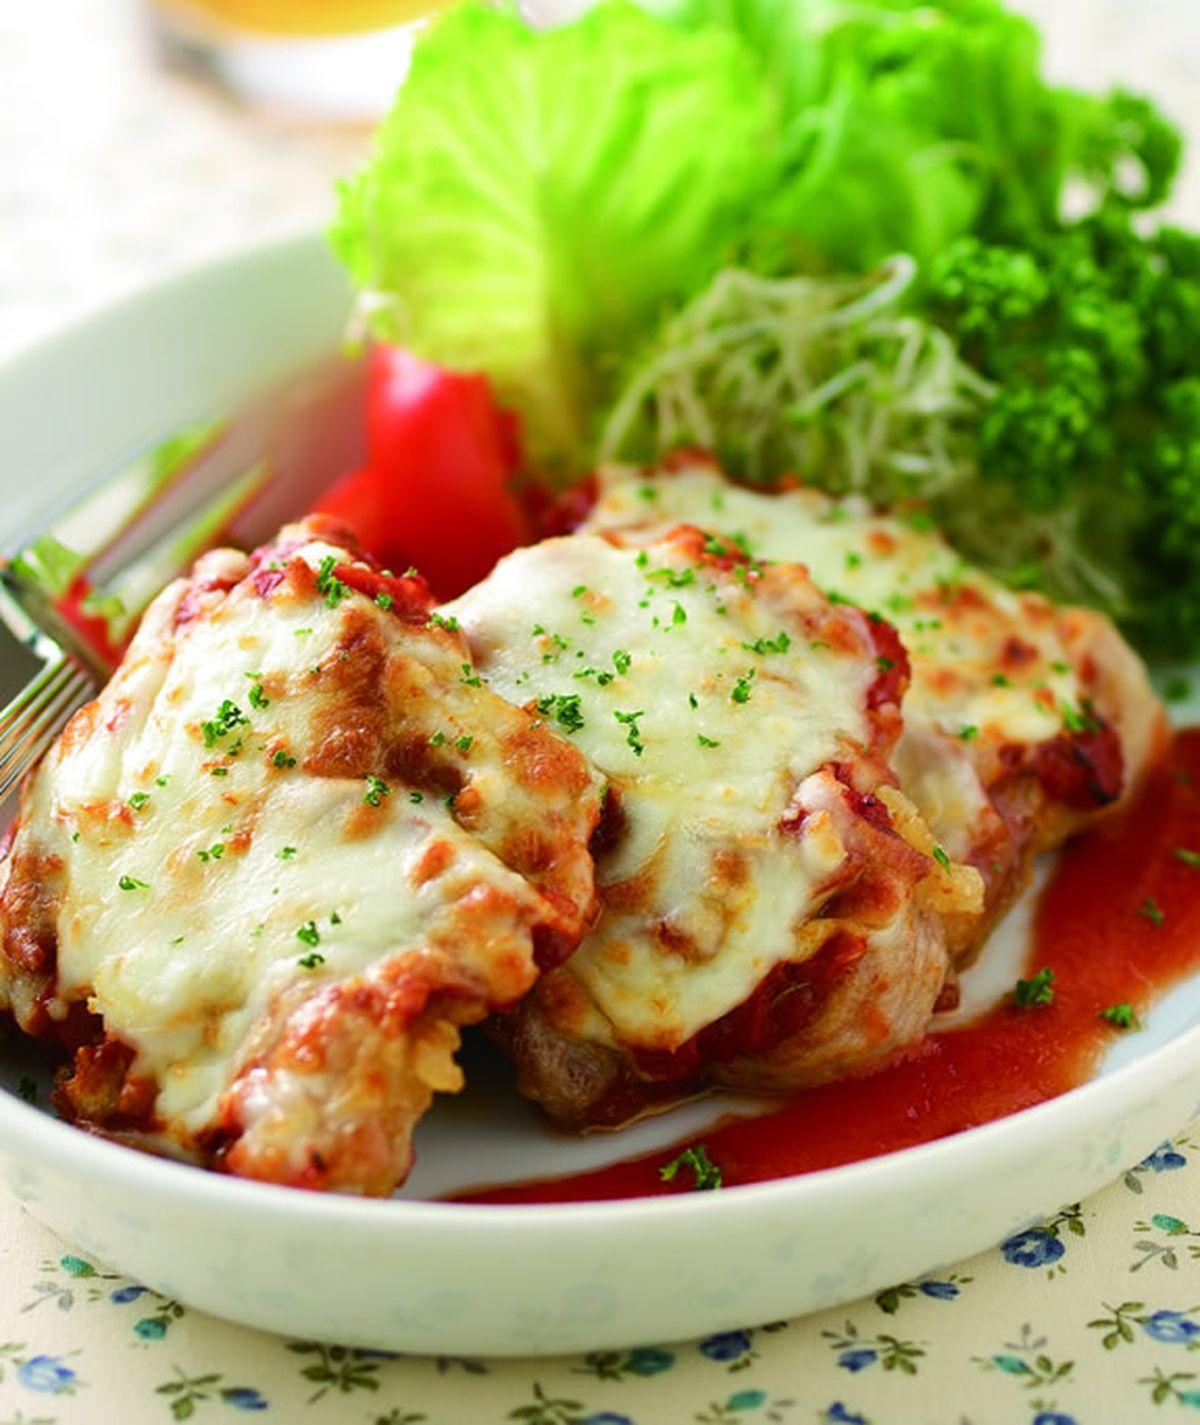 食譜:蕃茄起司烤豬排